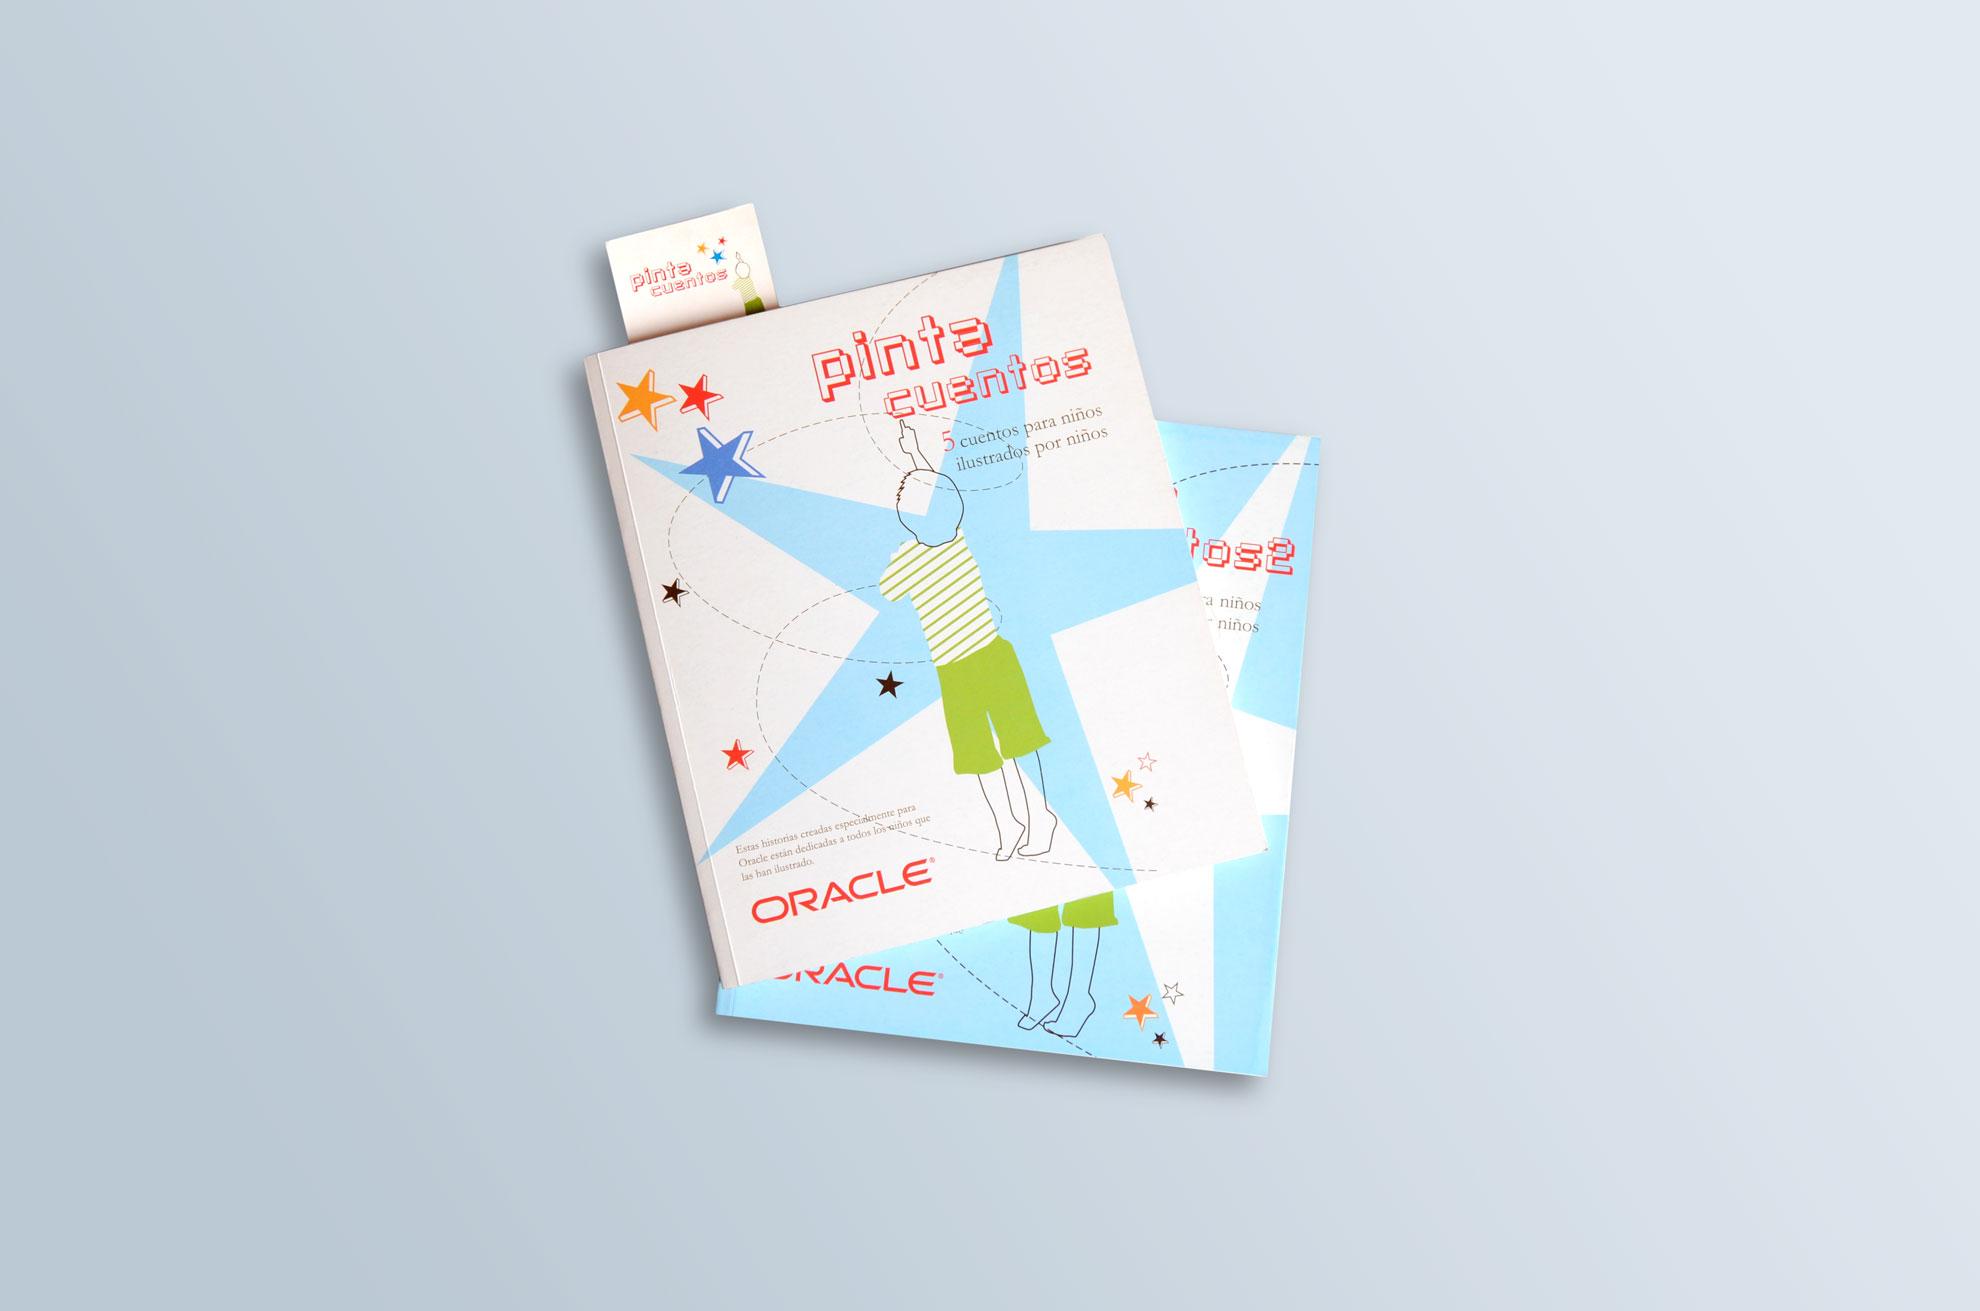 libros-oracle2